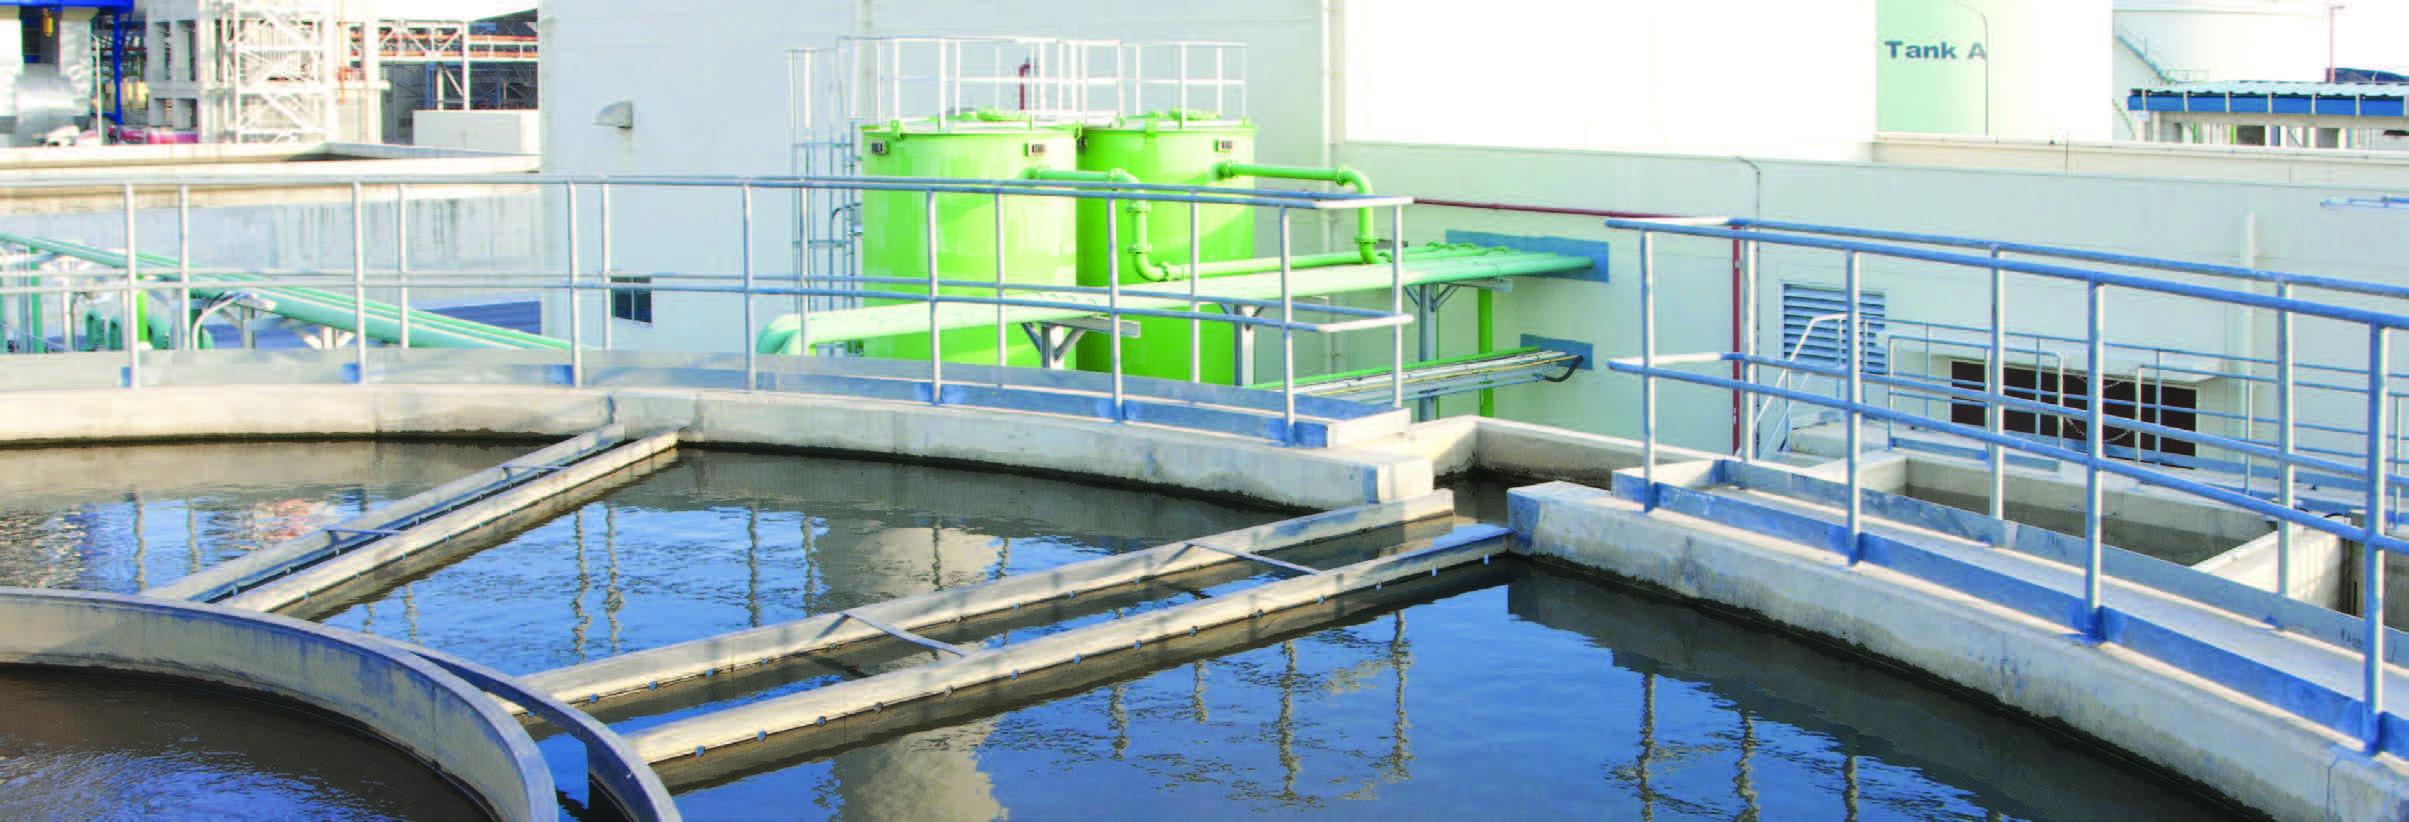 Basic Wastewater Training Image